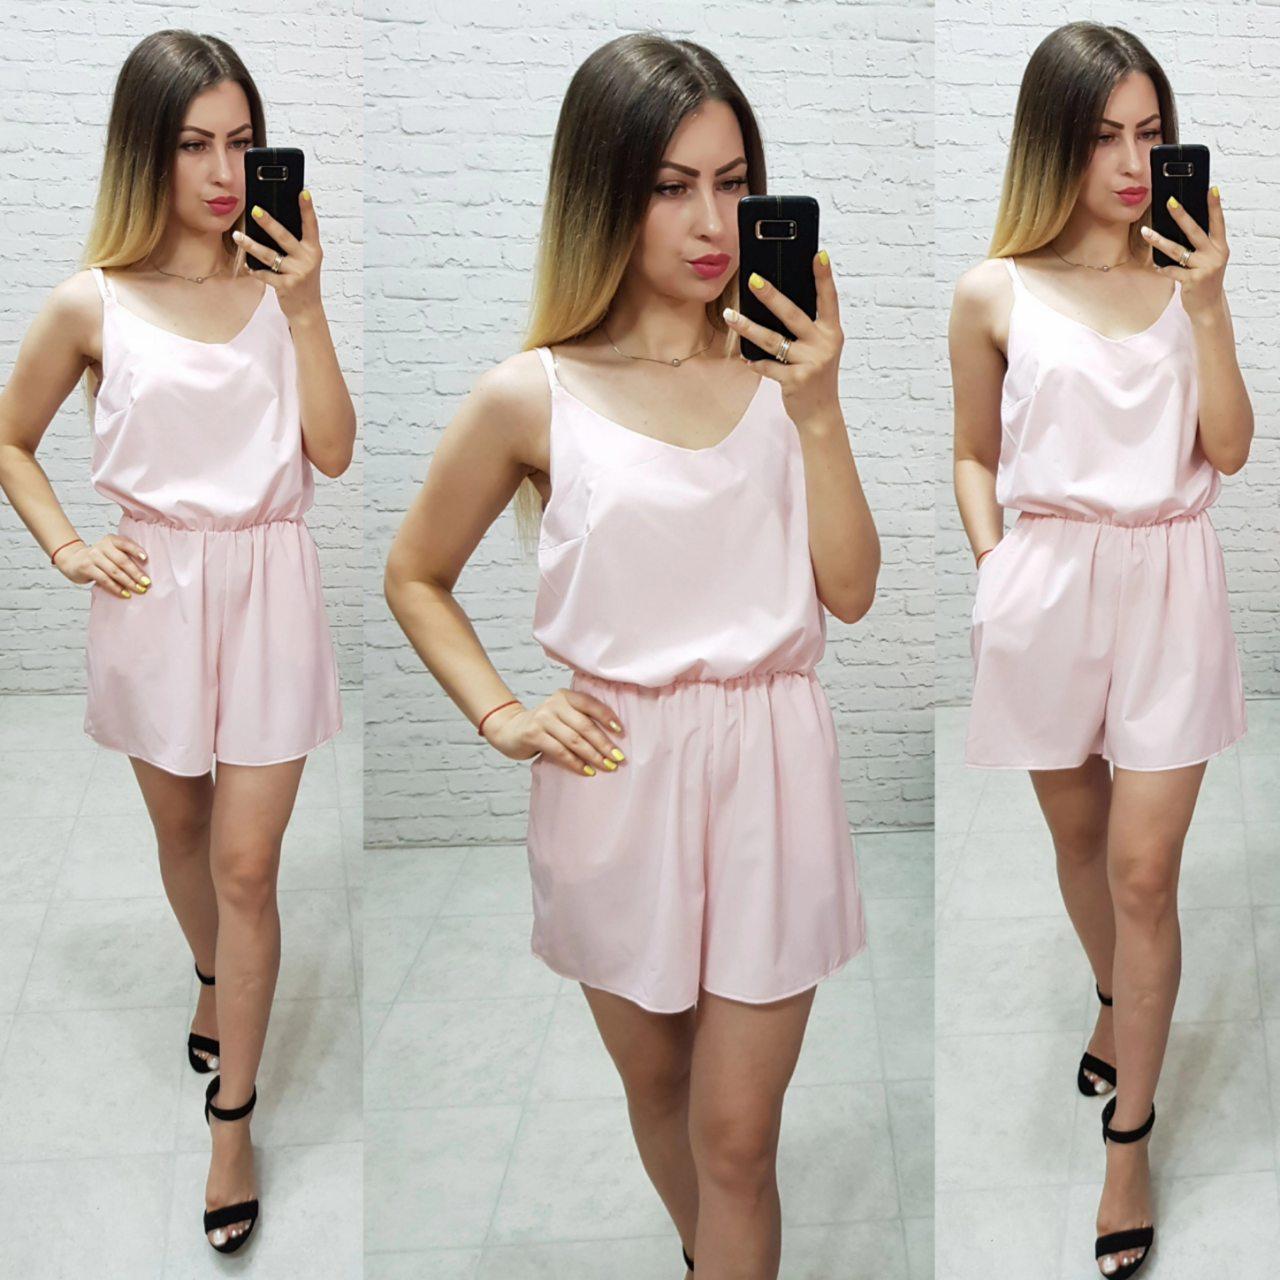 Комбинезон пижама цельный арт. 102/1 пудра / пудровый / светло розовый